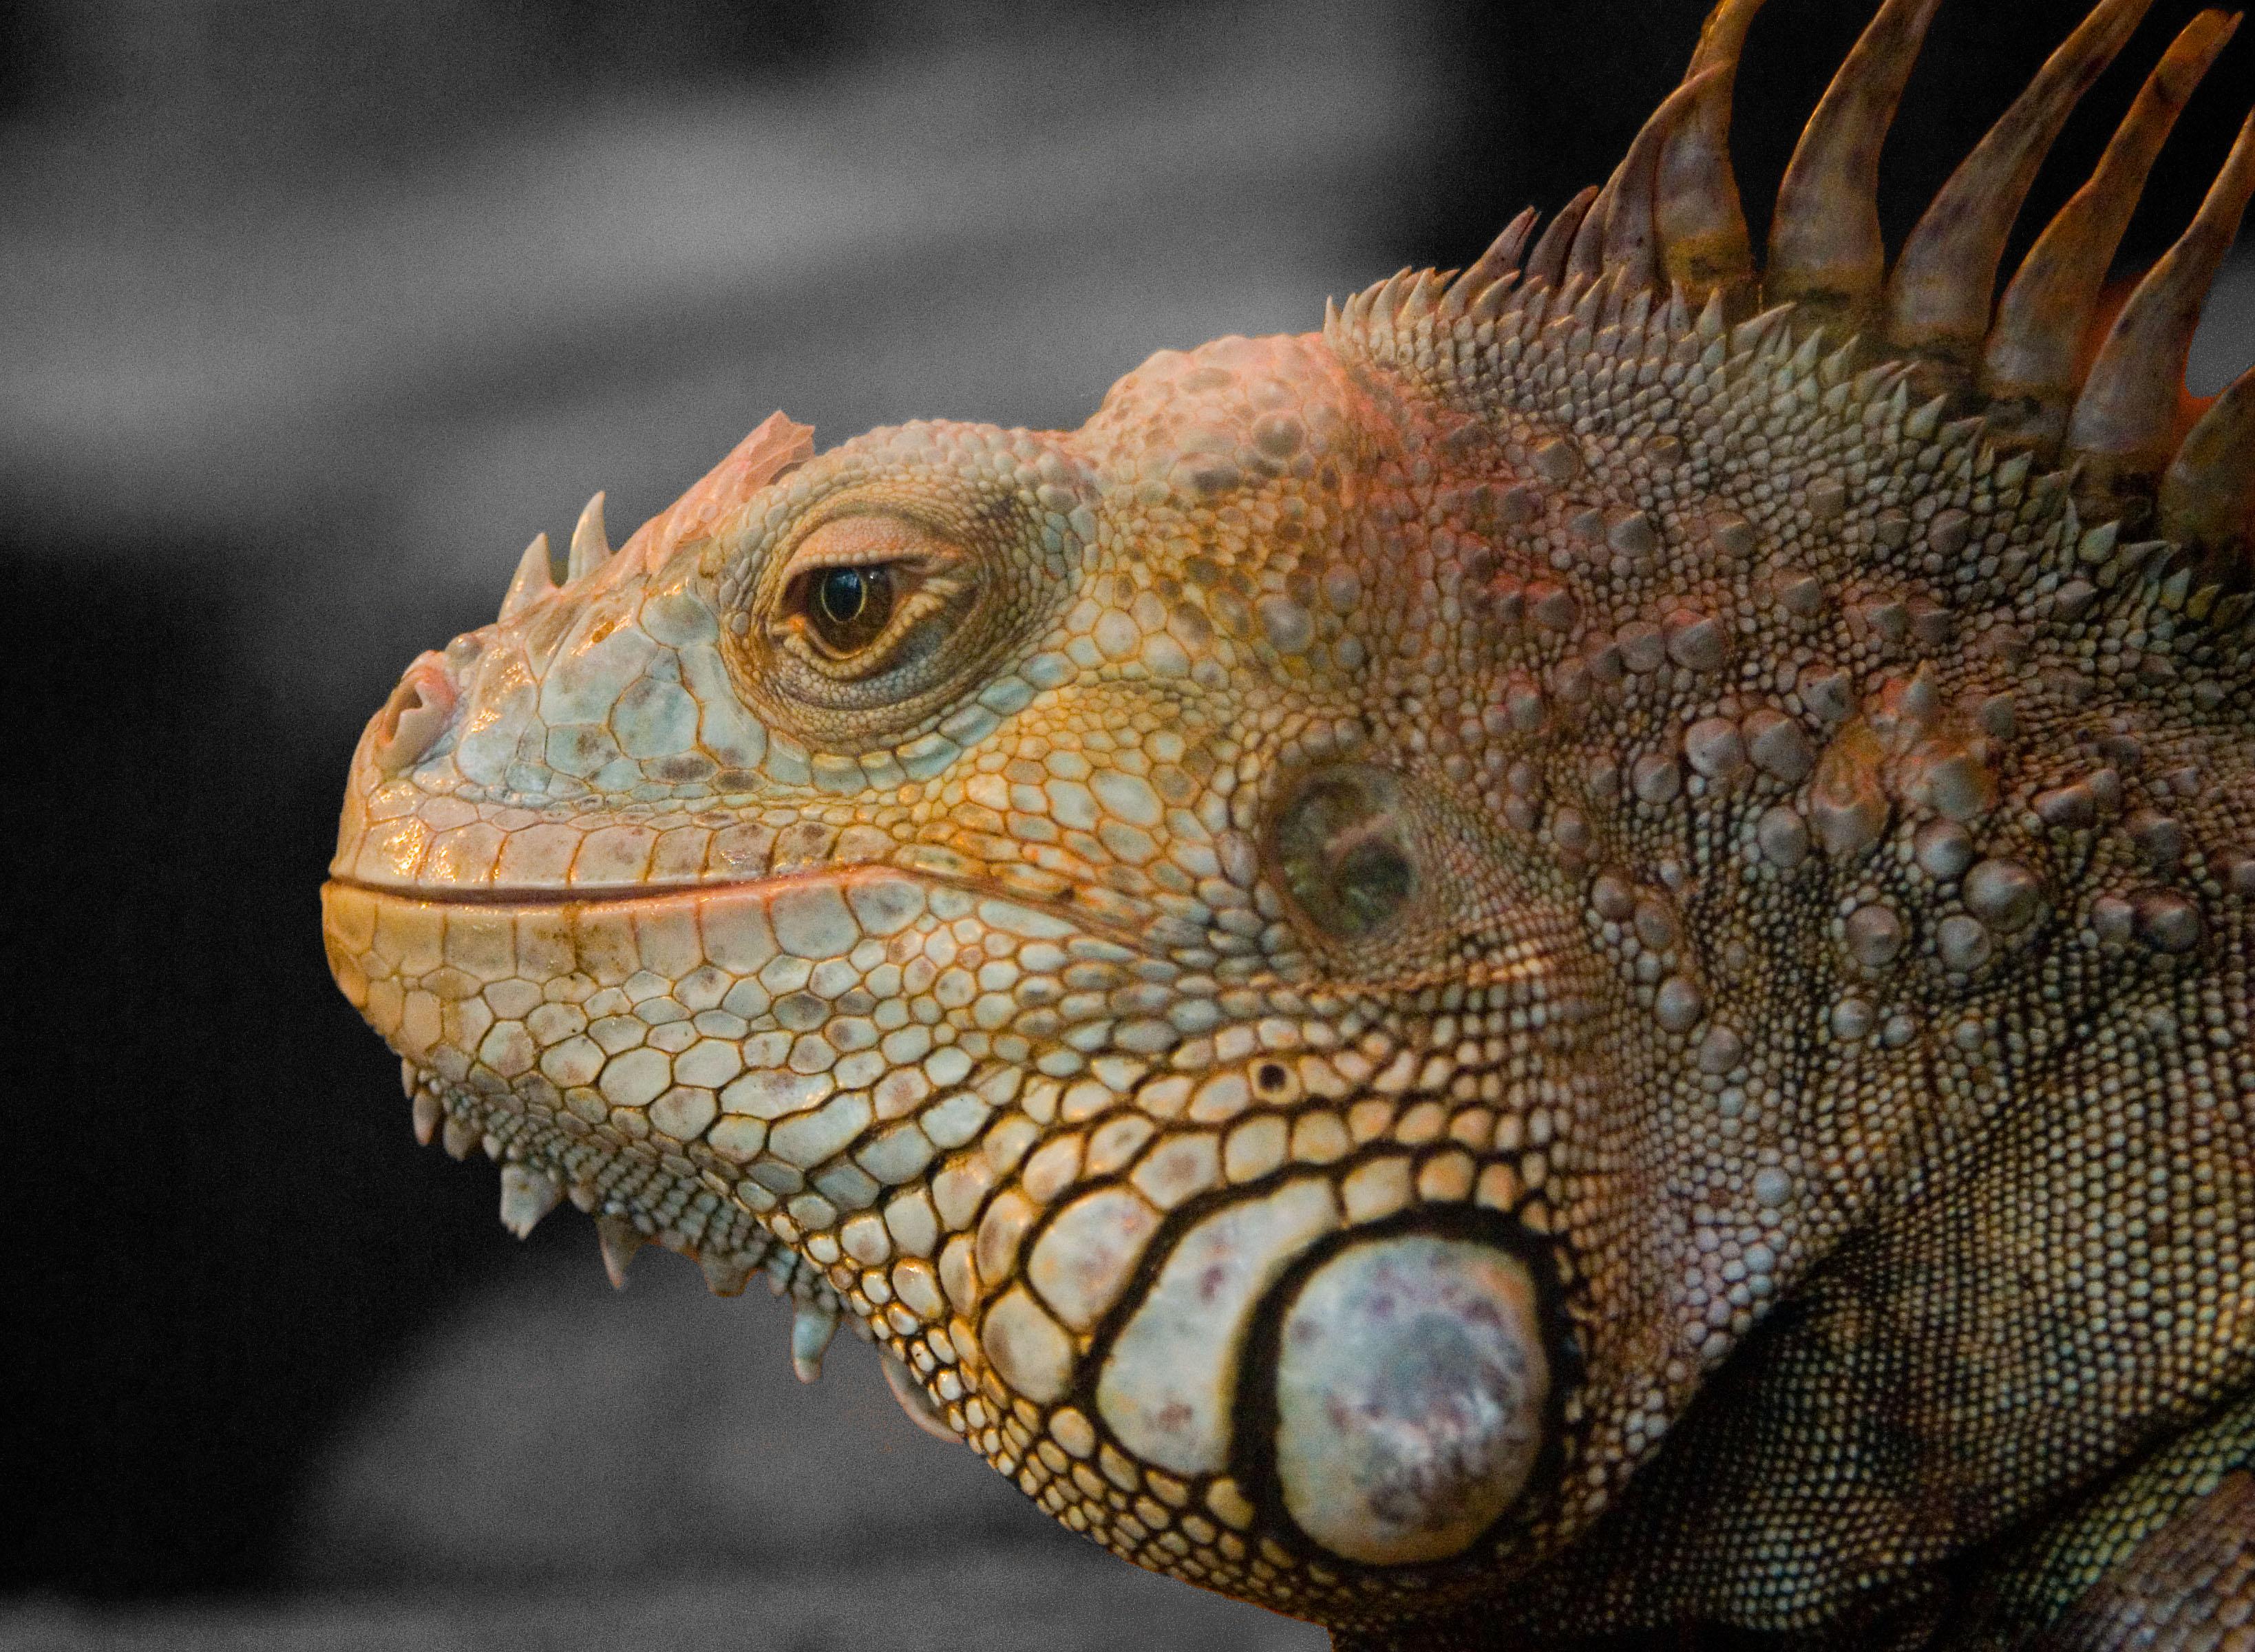 Reptilian neck fat.